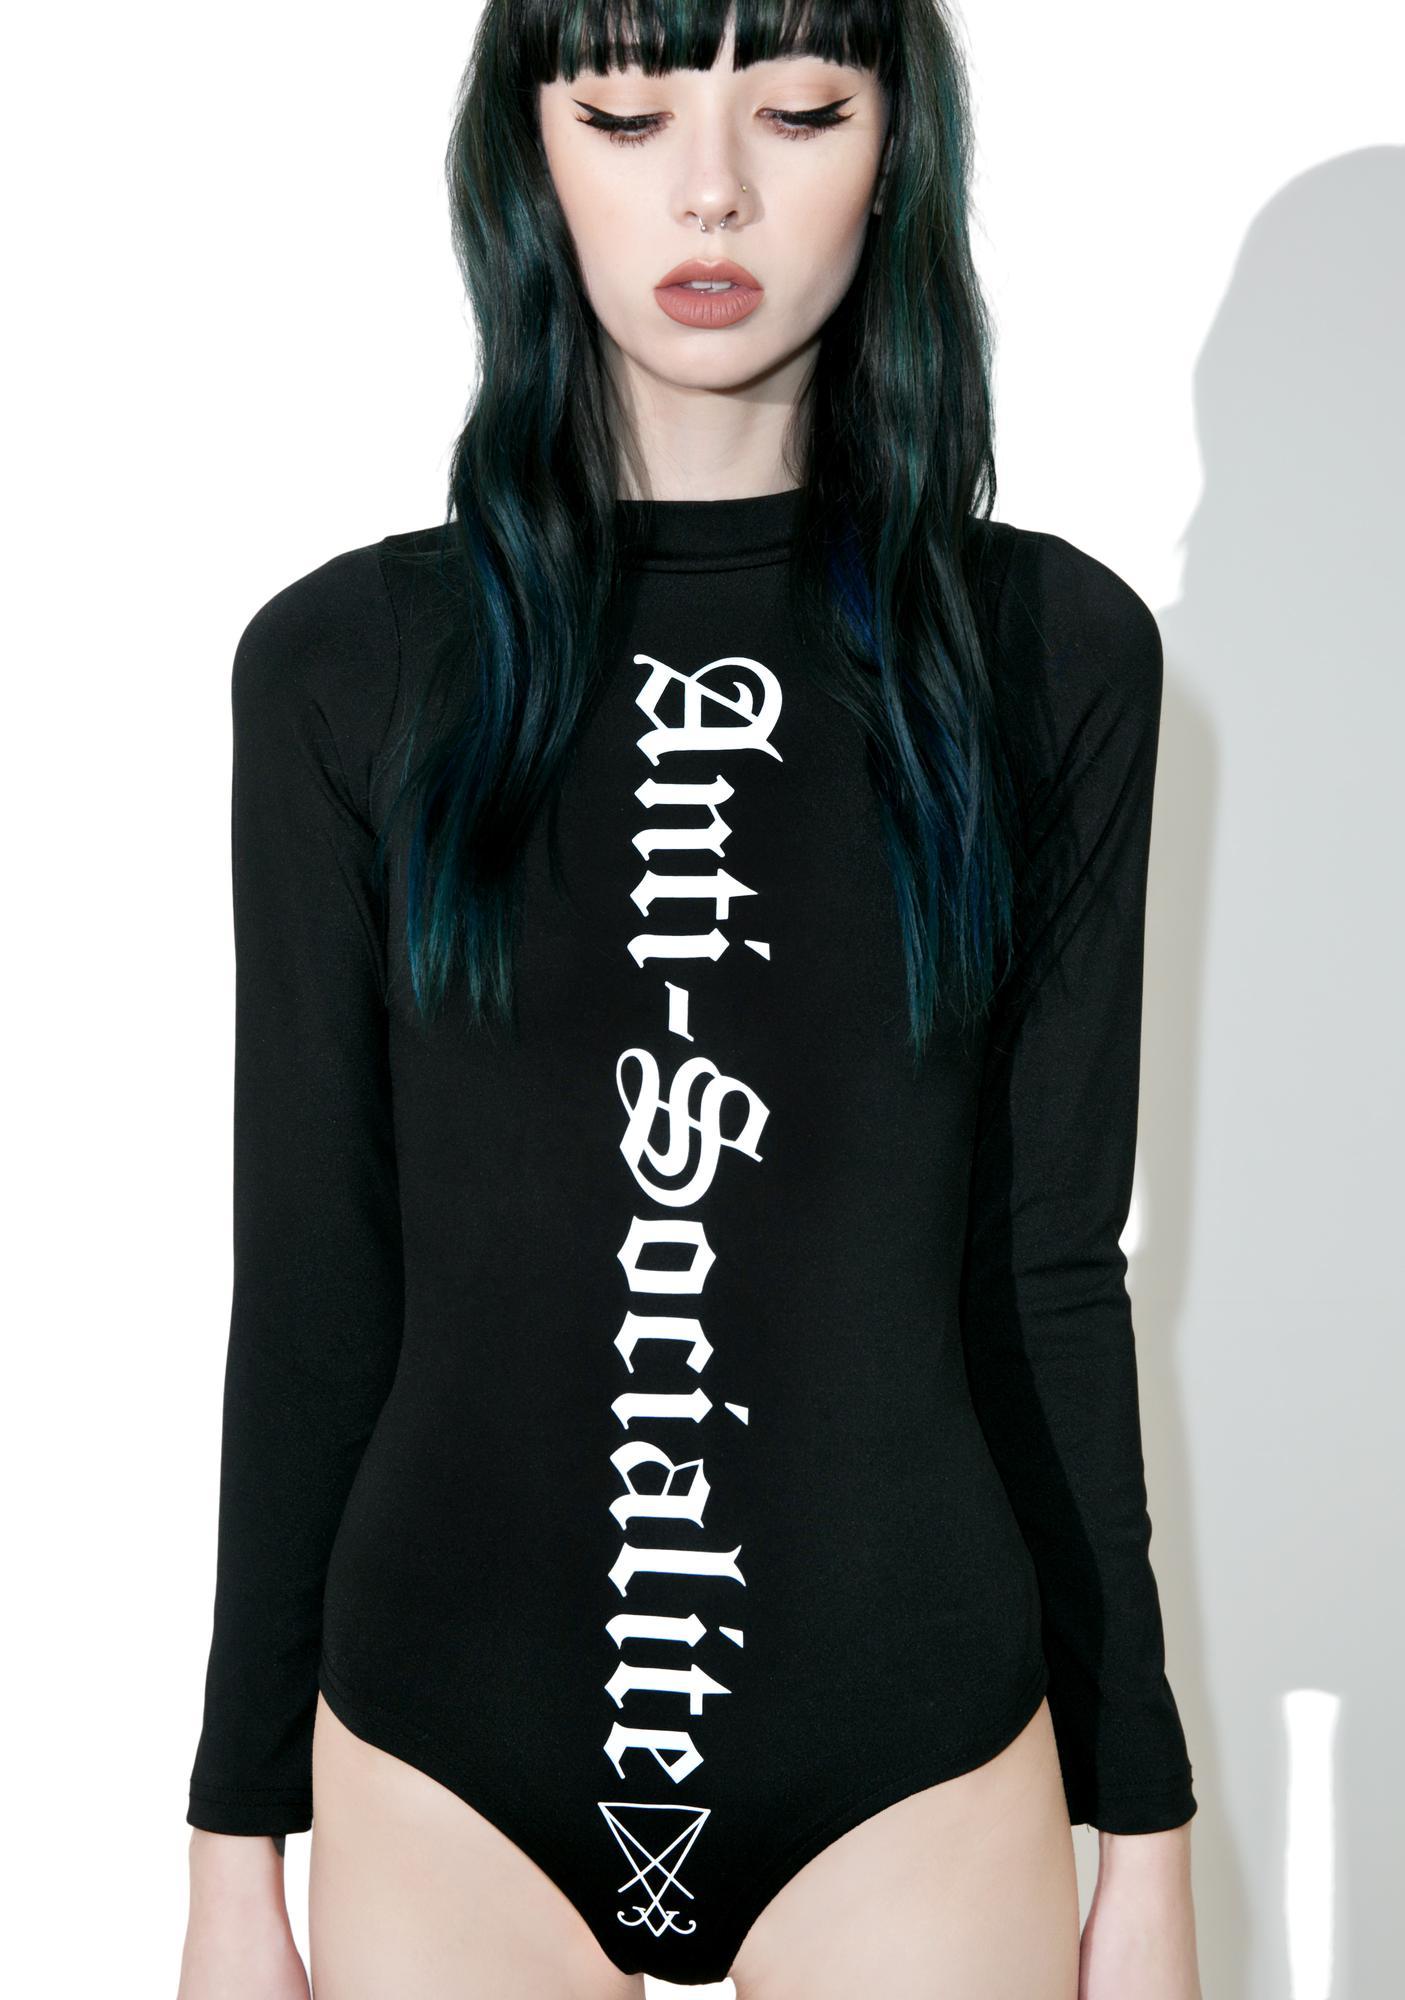 Disturbia Anti-Socialite Bodysuit